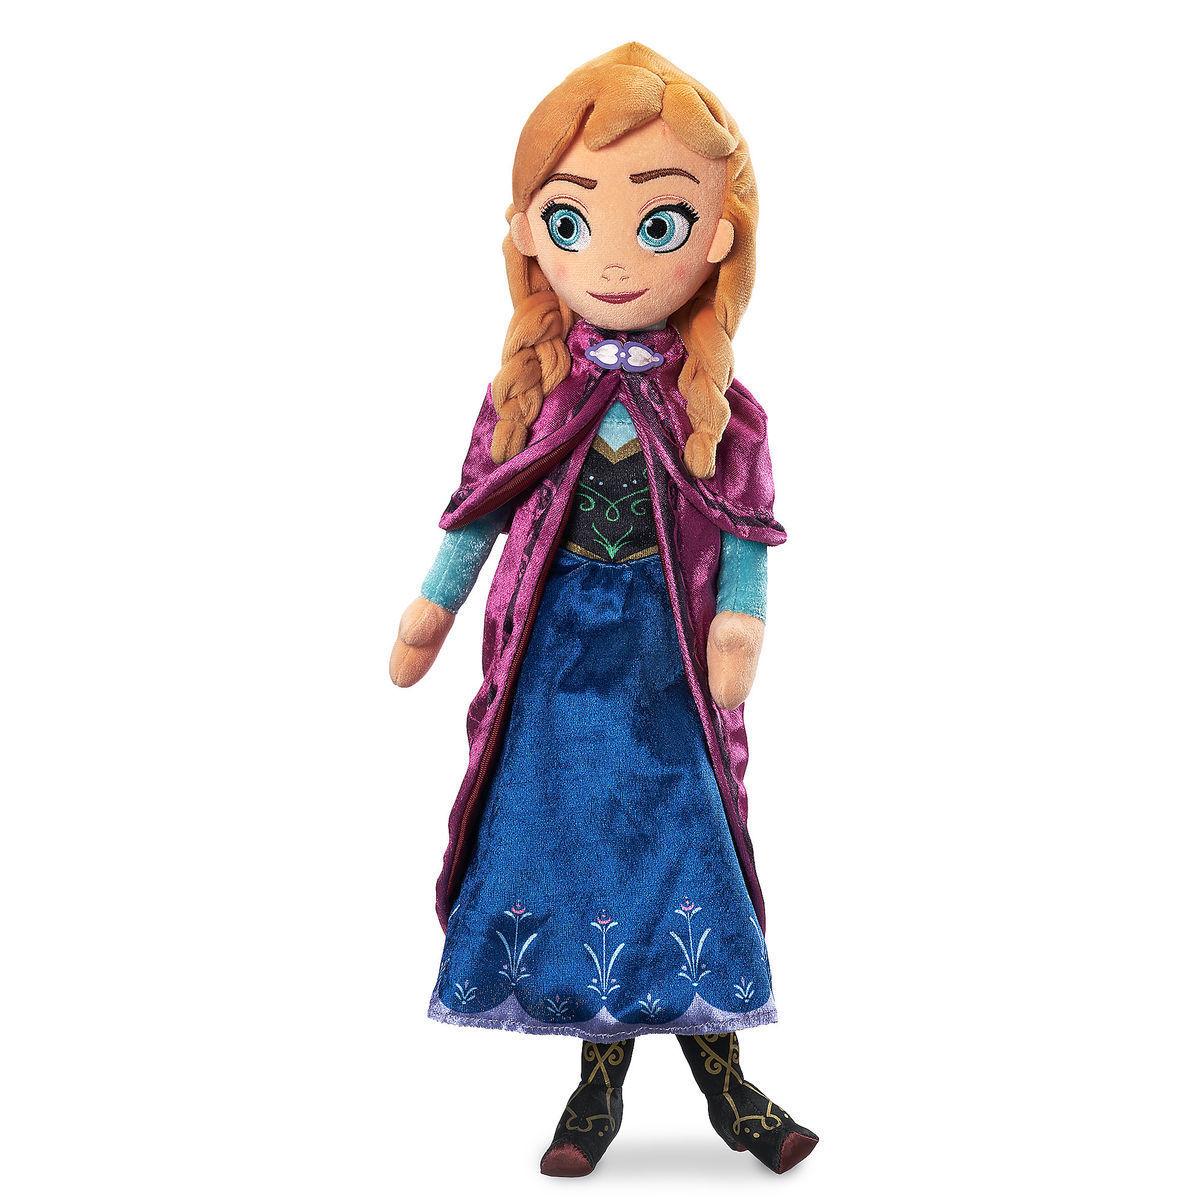 Мягкая кукла Анна «Холодное сердце» Дисней 46 см